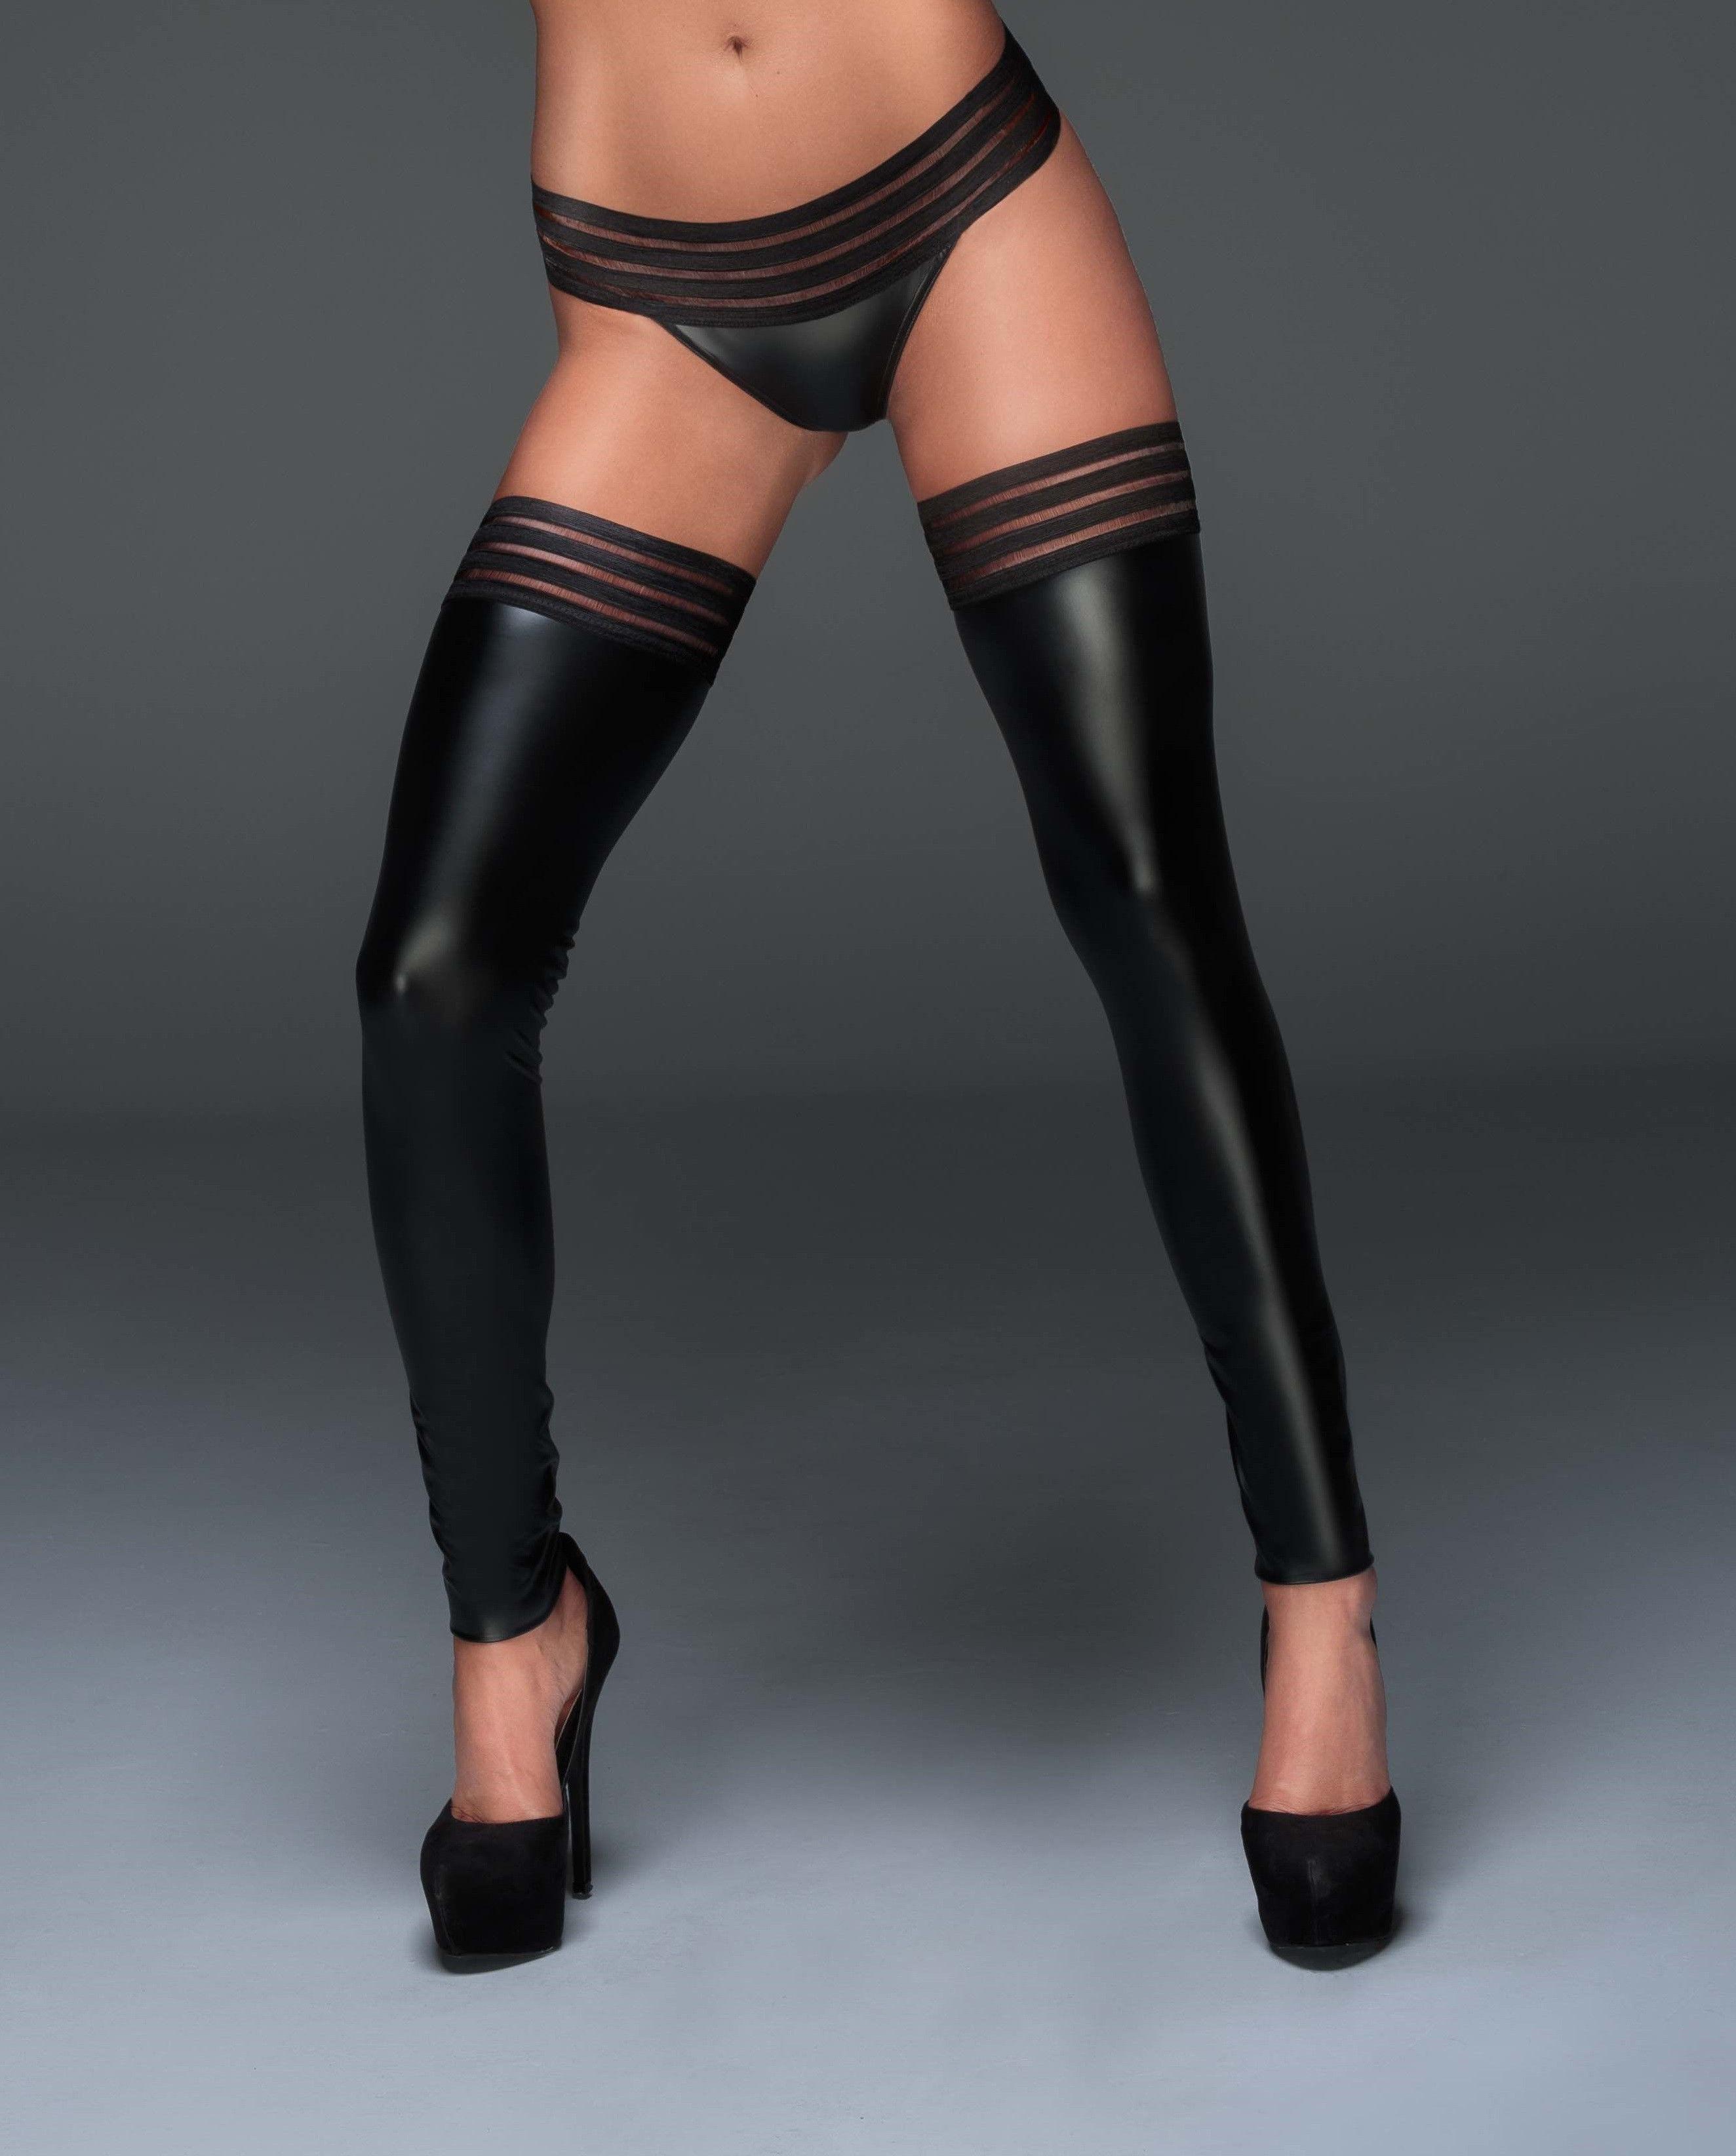 Noir Handmade F161 Powerwetlook Panty with Elastic Tape L